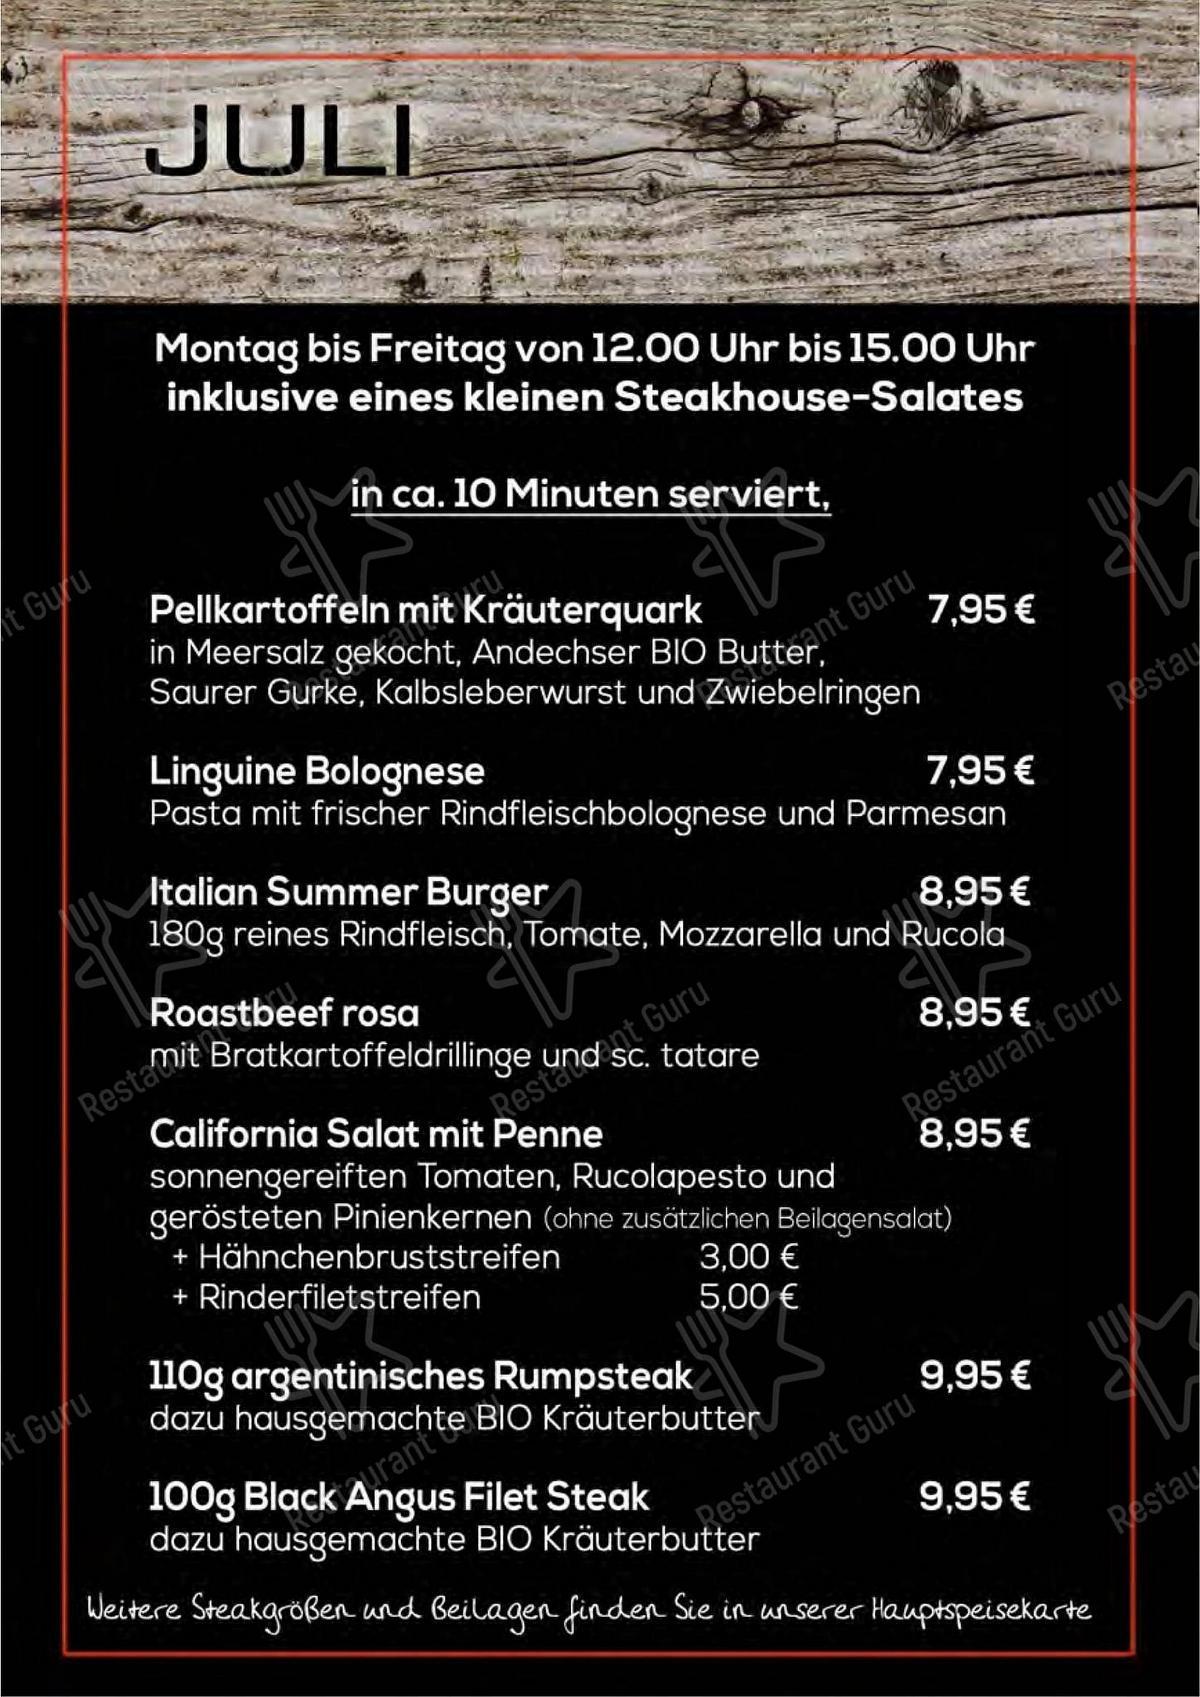 Seht euch die Speisekarte von Estancia Steakhouse Klotzsche an